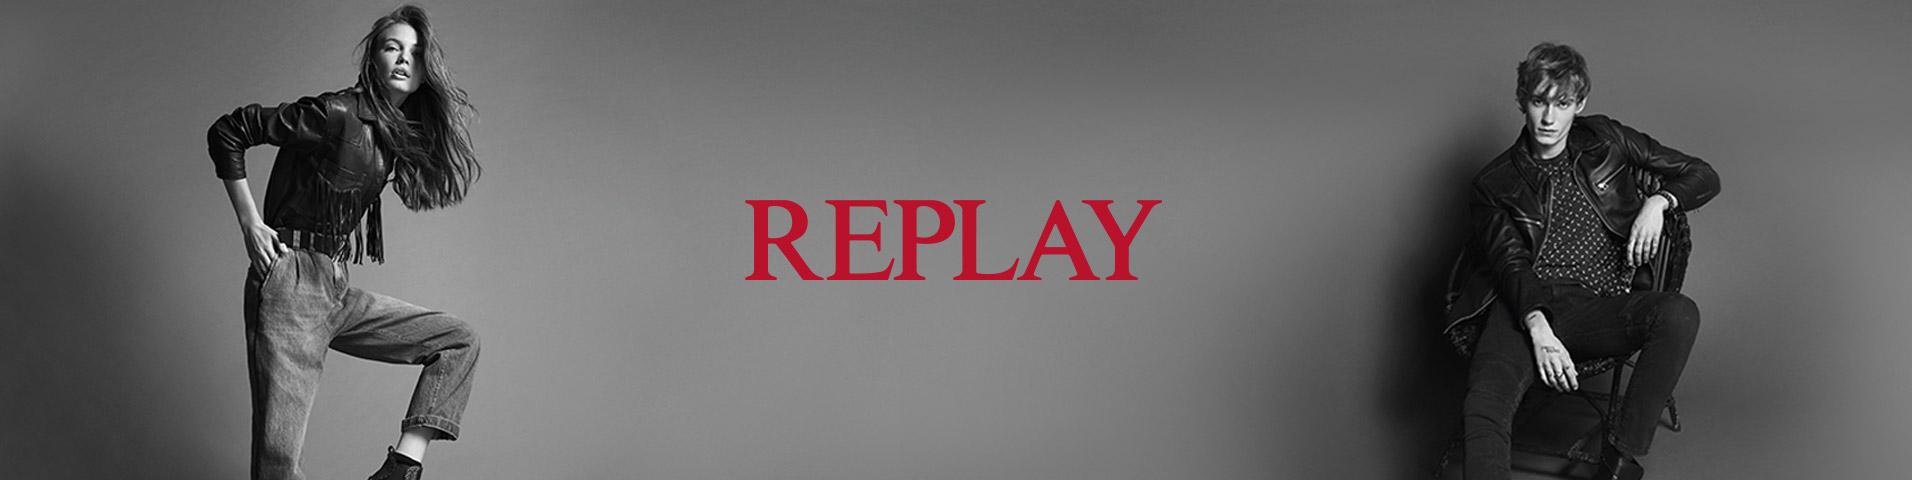 Replay | La nuova collezione online su Zalando